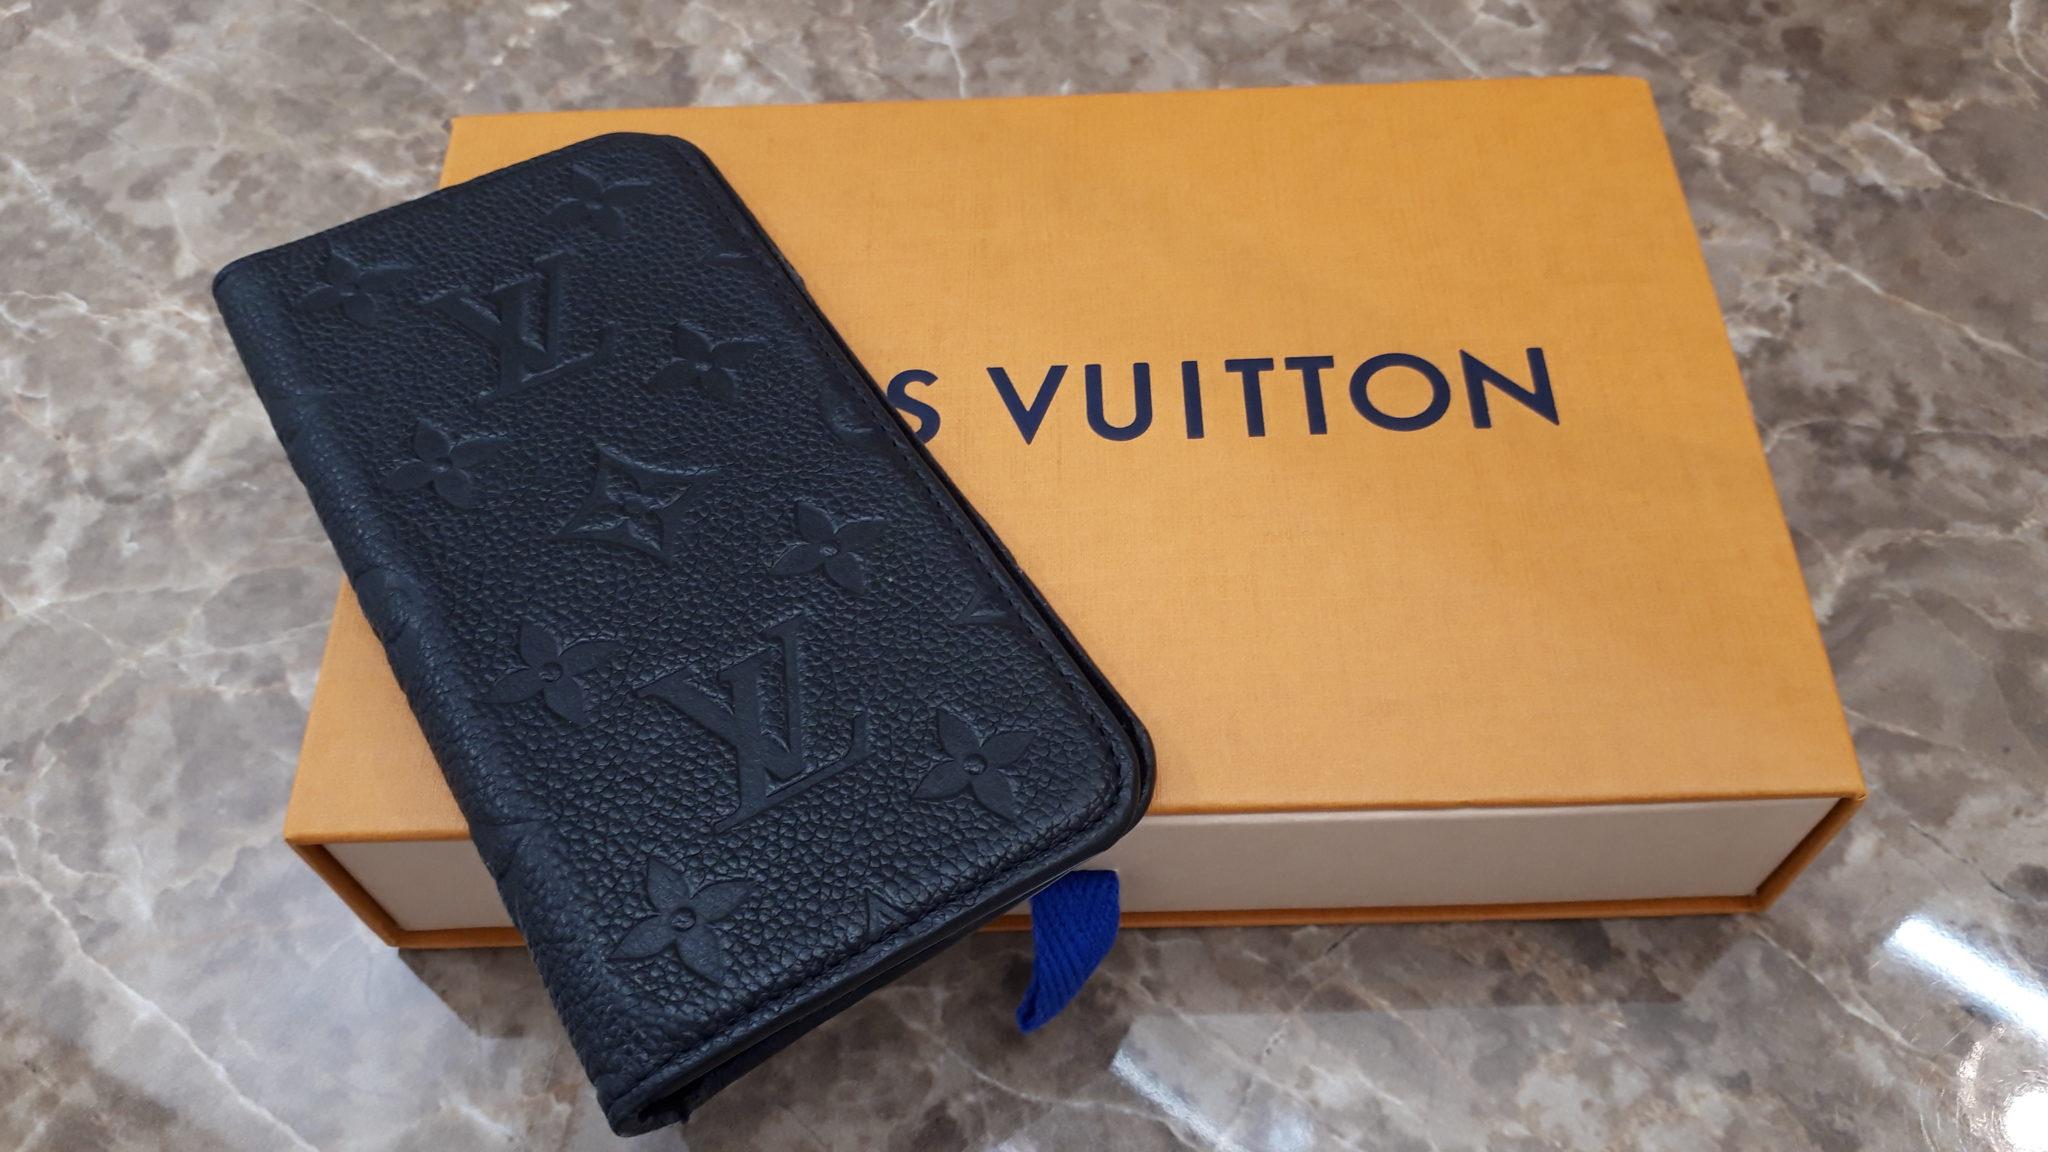 【LOUIS VUITTON ルイヴィトン M63586 アイフォンX&XS・フォリオ】を盛岡市のお客様よりお買取させていただきました!